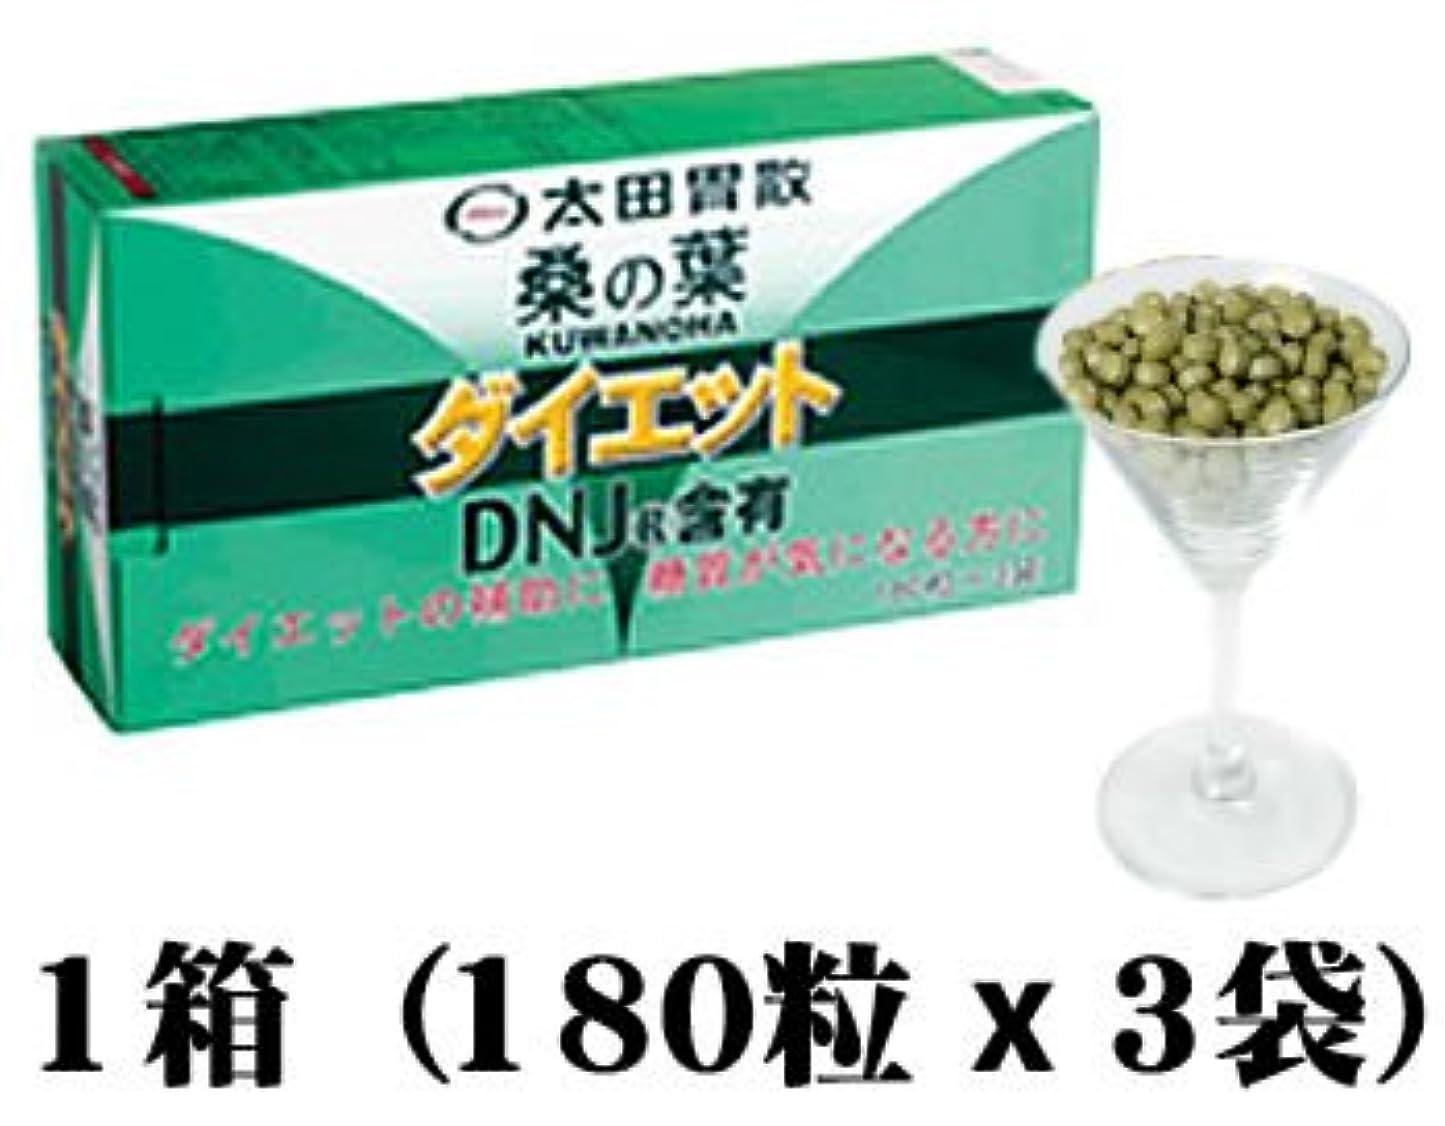 ホーム仕える補正太田胃散 桑の葉ダイエット詰替用(180粒×3袋入)